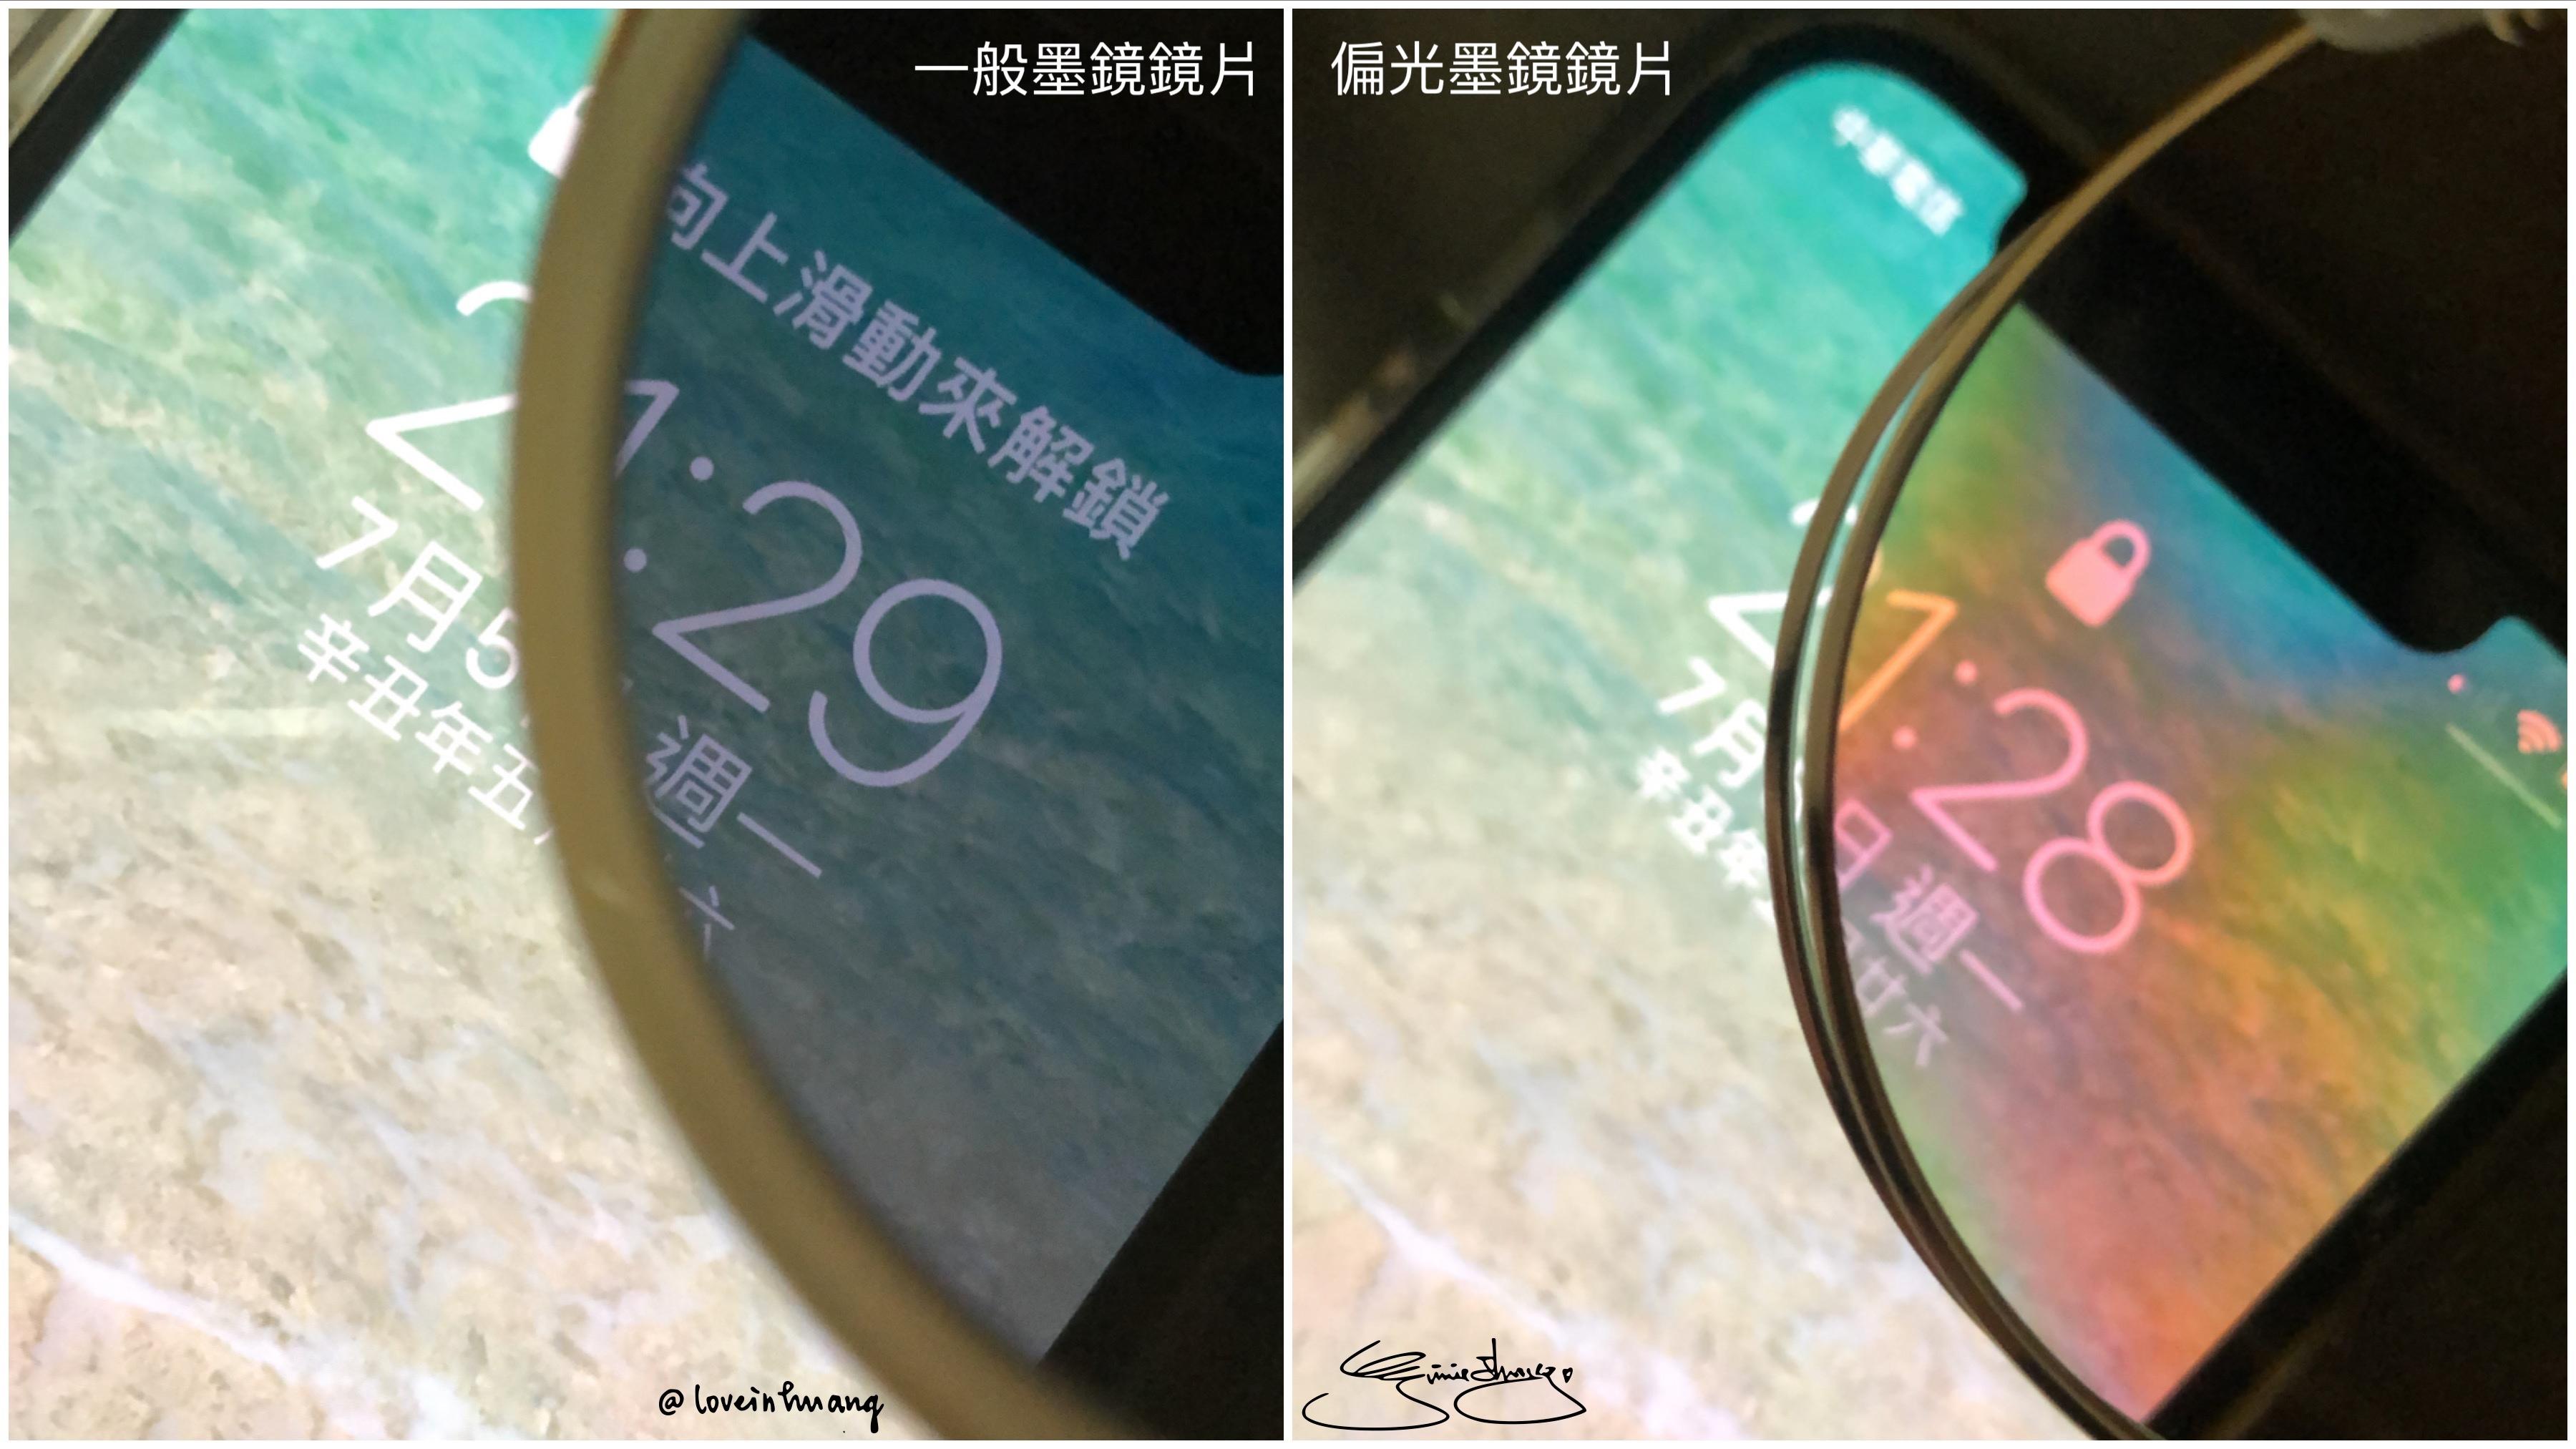 一般墨鏡鏡片 vs 偏光墨鏡鏡片